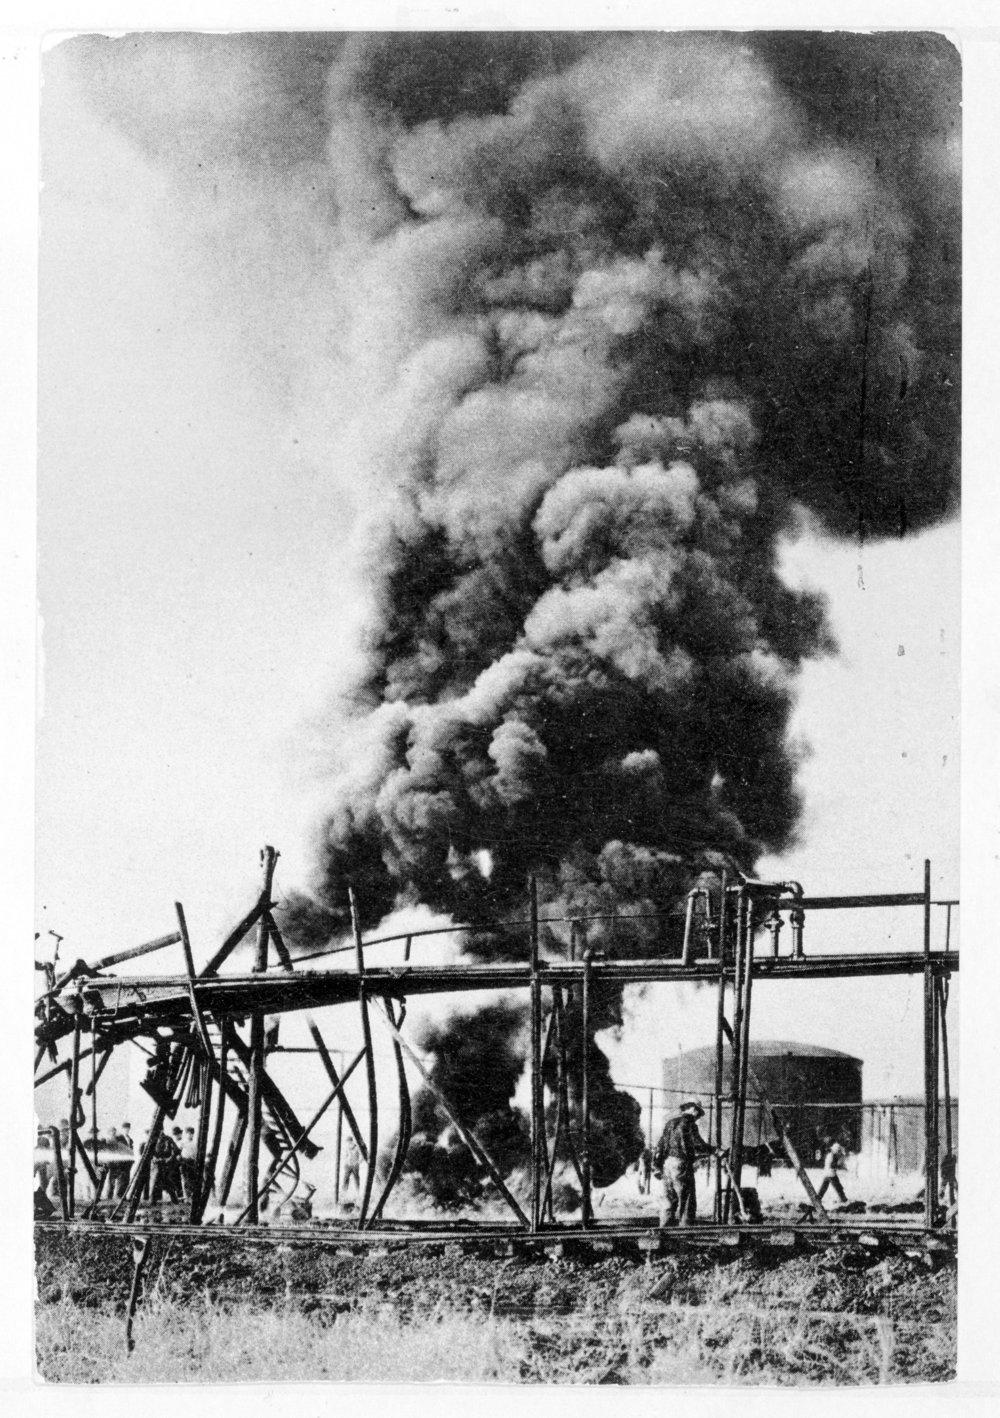 Oil field fire, Wilson County, Kansas